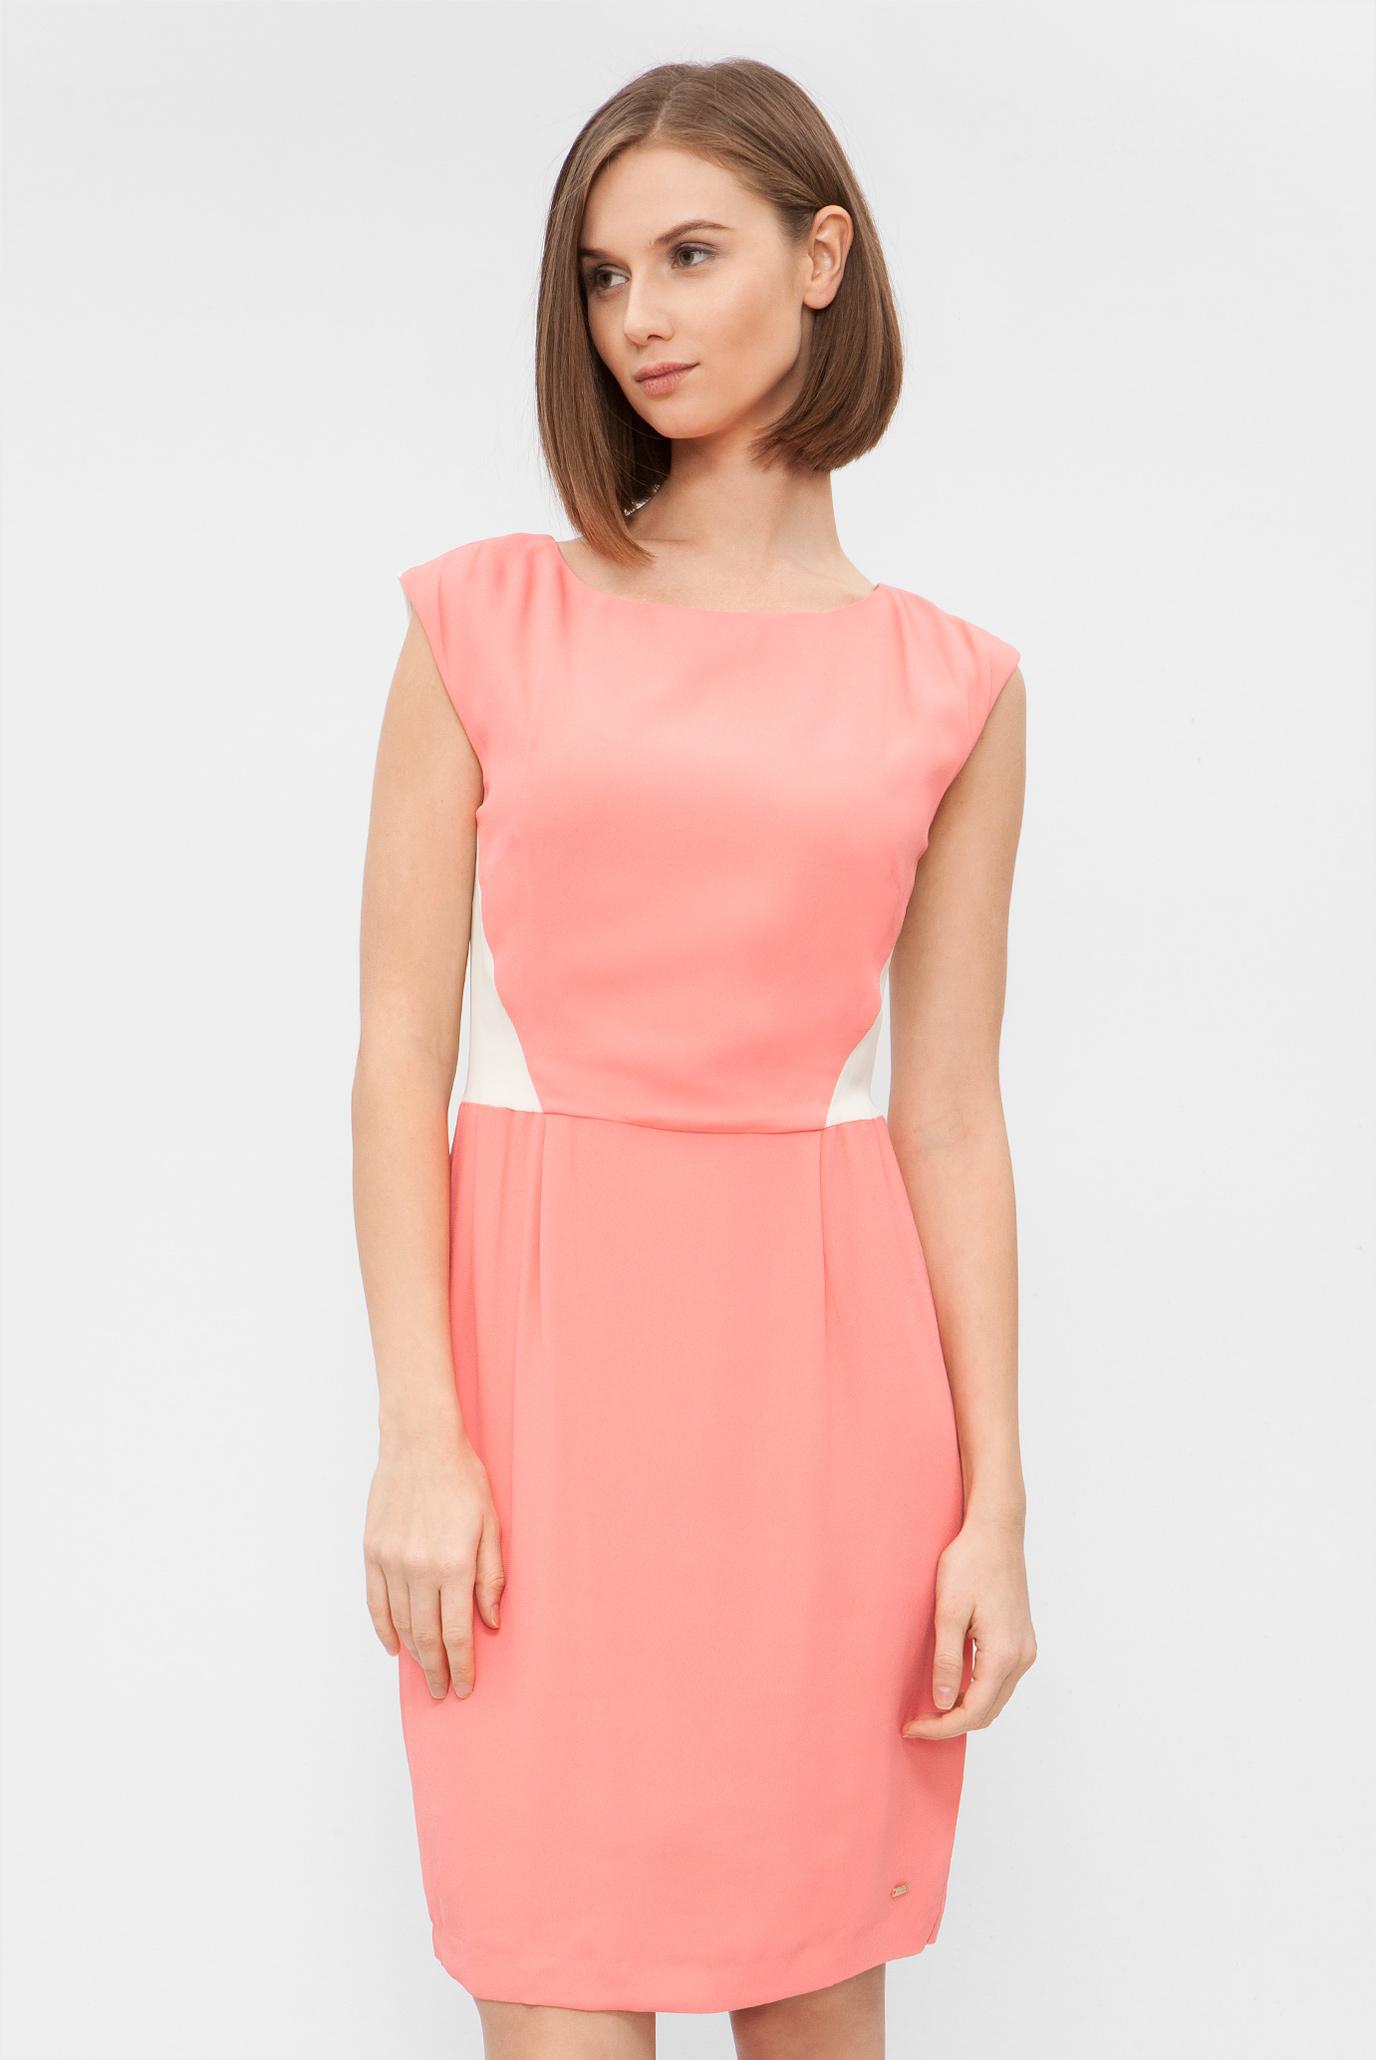 a9de447971d1de4 Купить Женское розовое платье Tommy Hilfiger Tommy Hilfiger 1M87654913 –  Киев, Украина. Цены в интернет магазине MD Fashion